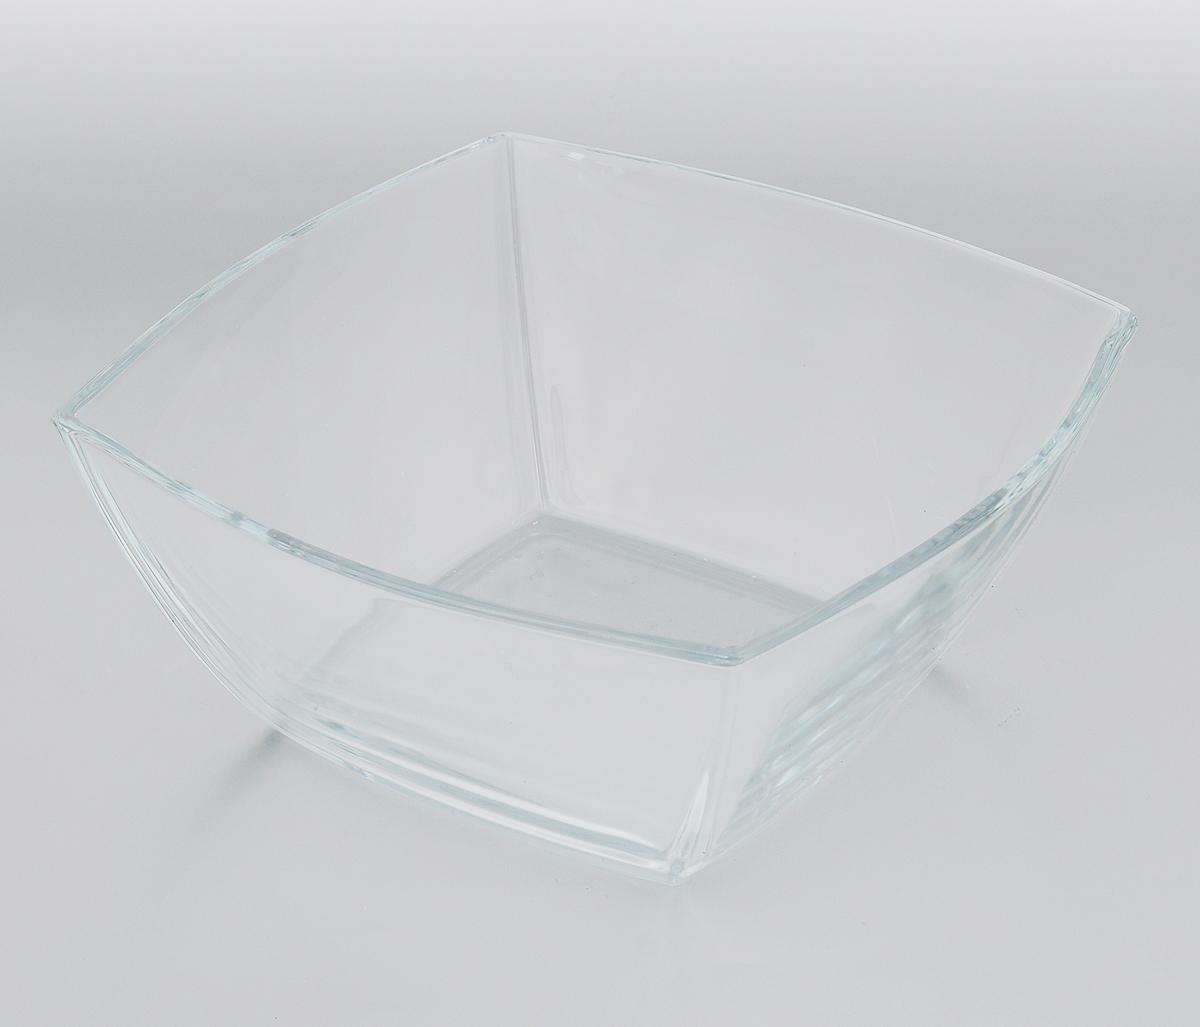 Салатник Pasabahce Tokio, 24 х 24 см54 009312Салатник Pasabahce Tokio, выполненный из прочного натрий-кальций-силикатного стекла, предназначен для красивой сервировки различных блюд. Салатник сочетает в себе лаконичный дизайн с максимальной функциональностью. Оригинальность оформления придется по вкусу и ценителям классики, и тем, кто предпочитает утонченность и изящность.Можно мыть в посудомоечной машине, также использовать в холодильнике, морозильной камере и микроволновой печи до +70°C. Размер салатника по верхнему краю: 24 х 24 см.